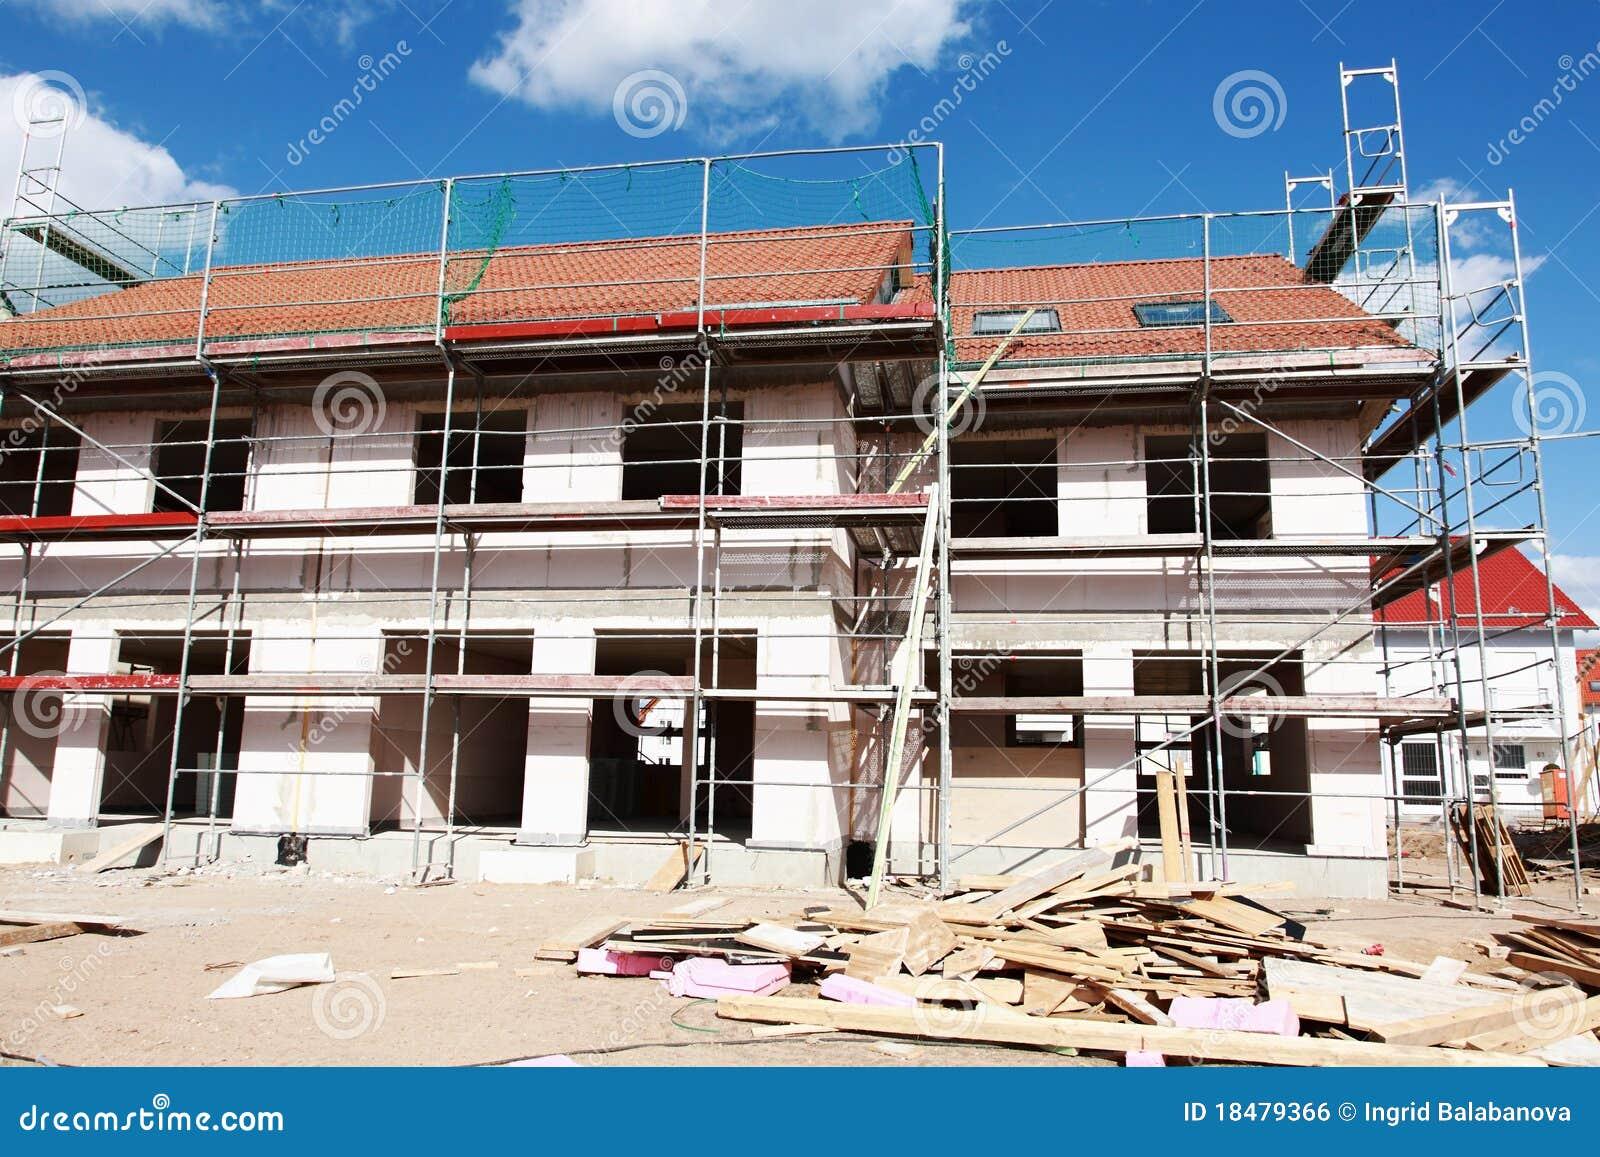 Nieuw huis in aanbouw stock foto afbeelding bestaande uit vernieuwing 18479366 - Foto huis in l ...